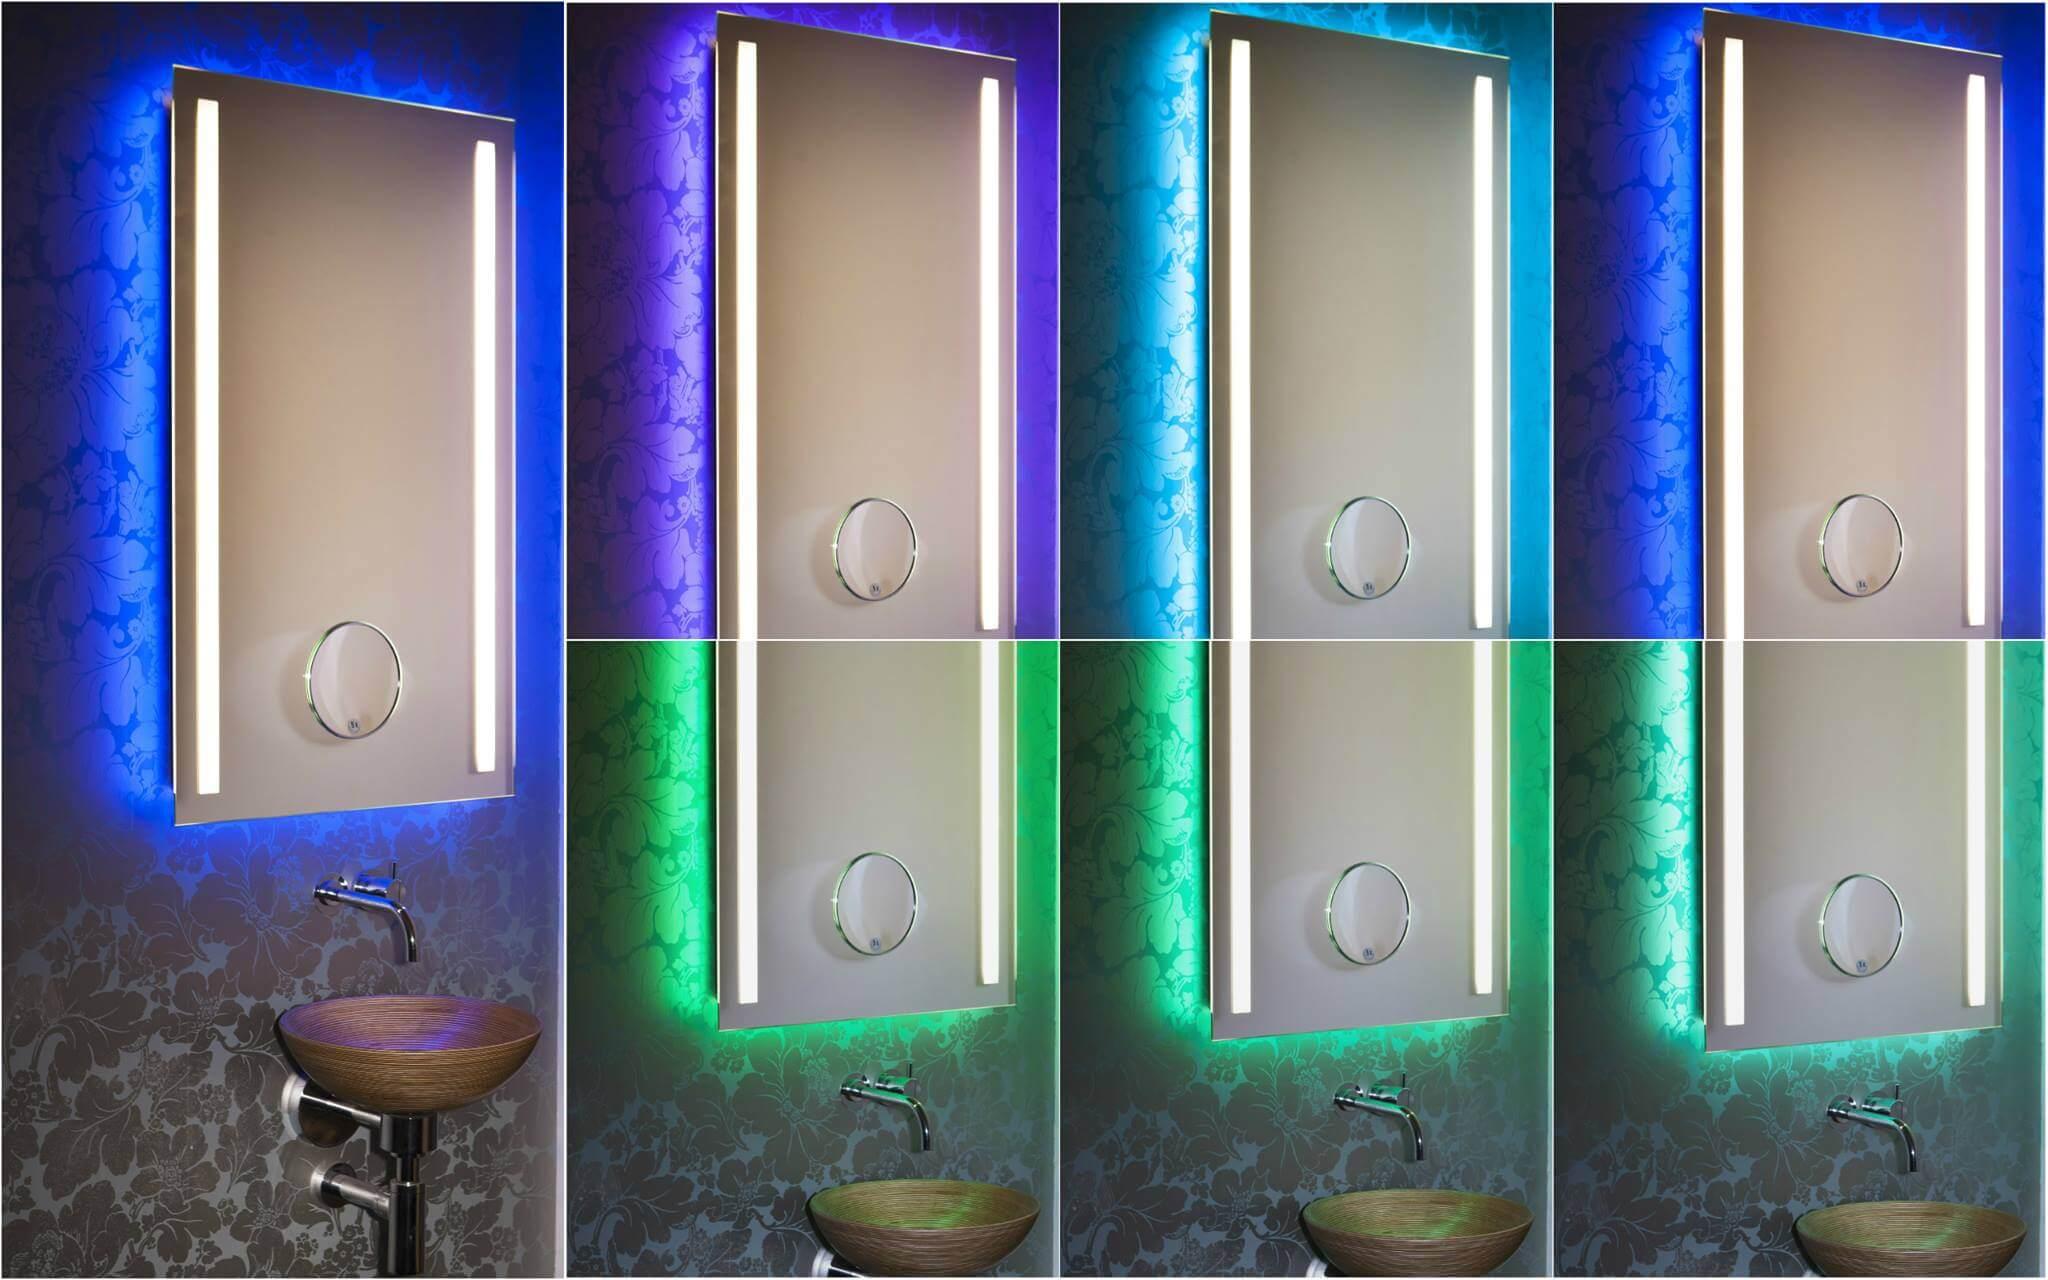 Lichtdesignspiegel-vom-Designer-Torsten-Mueller-Bad-Honnef-2017 (1)